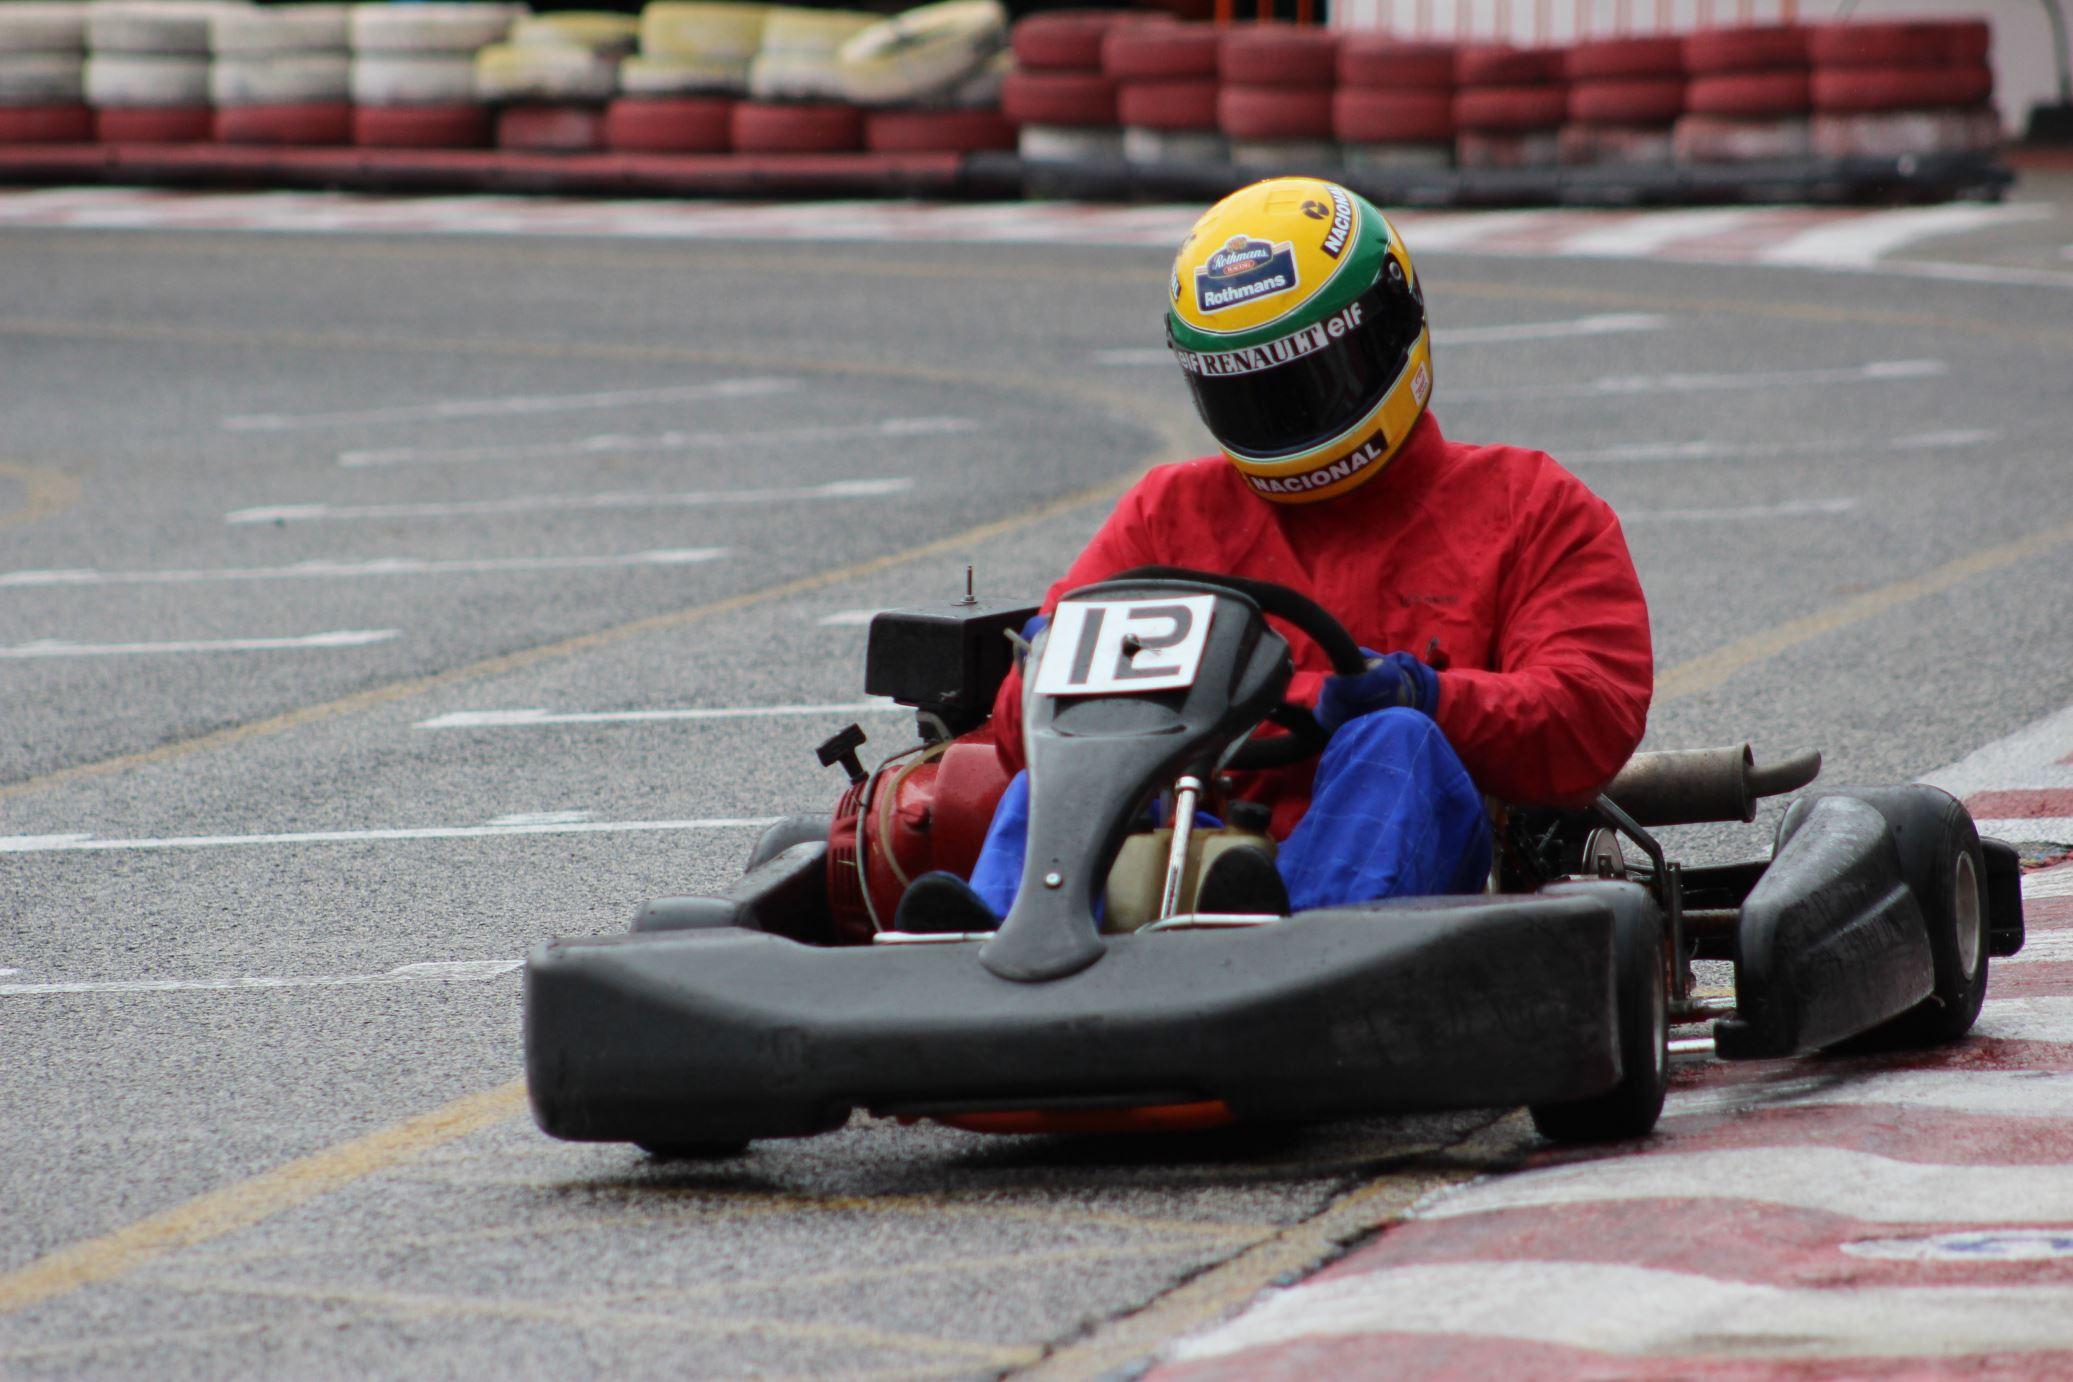 Troféu Honda 2014 - 2ª Prova89